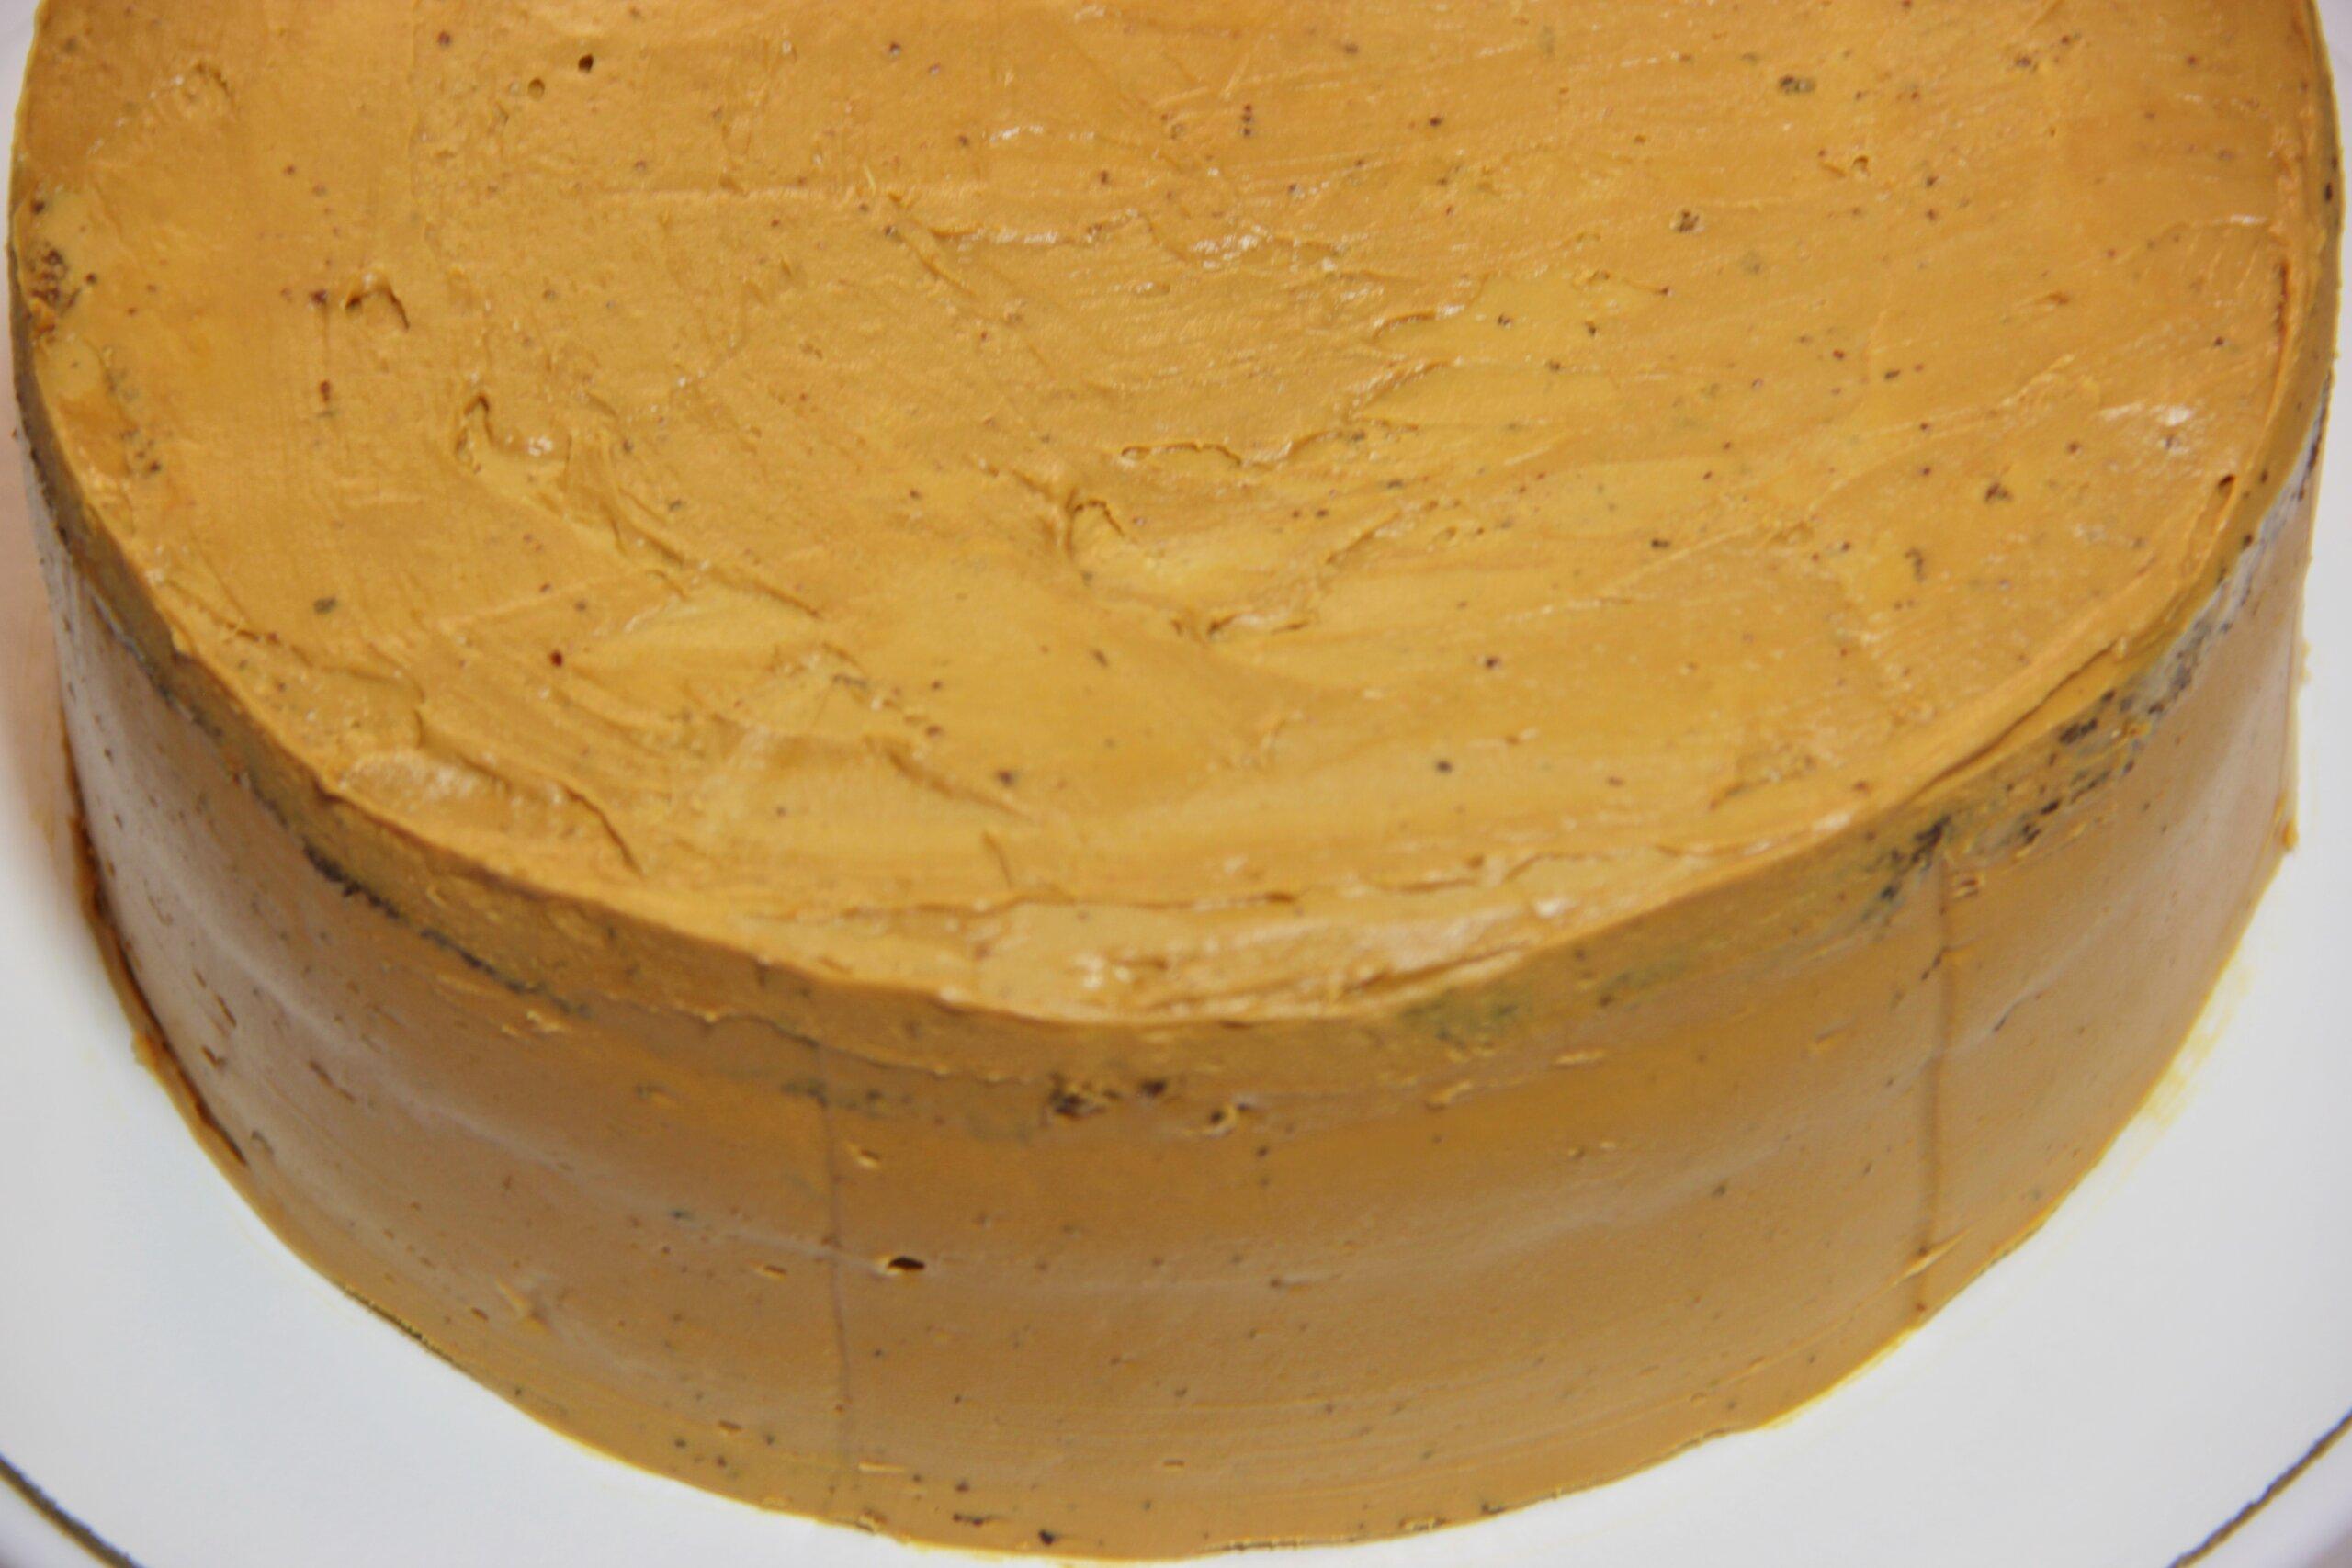 выравнивание торта кремом